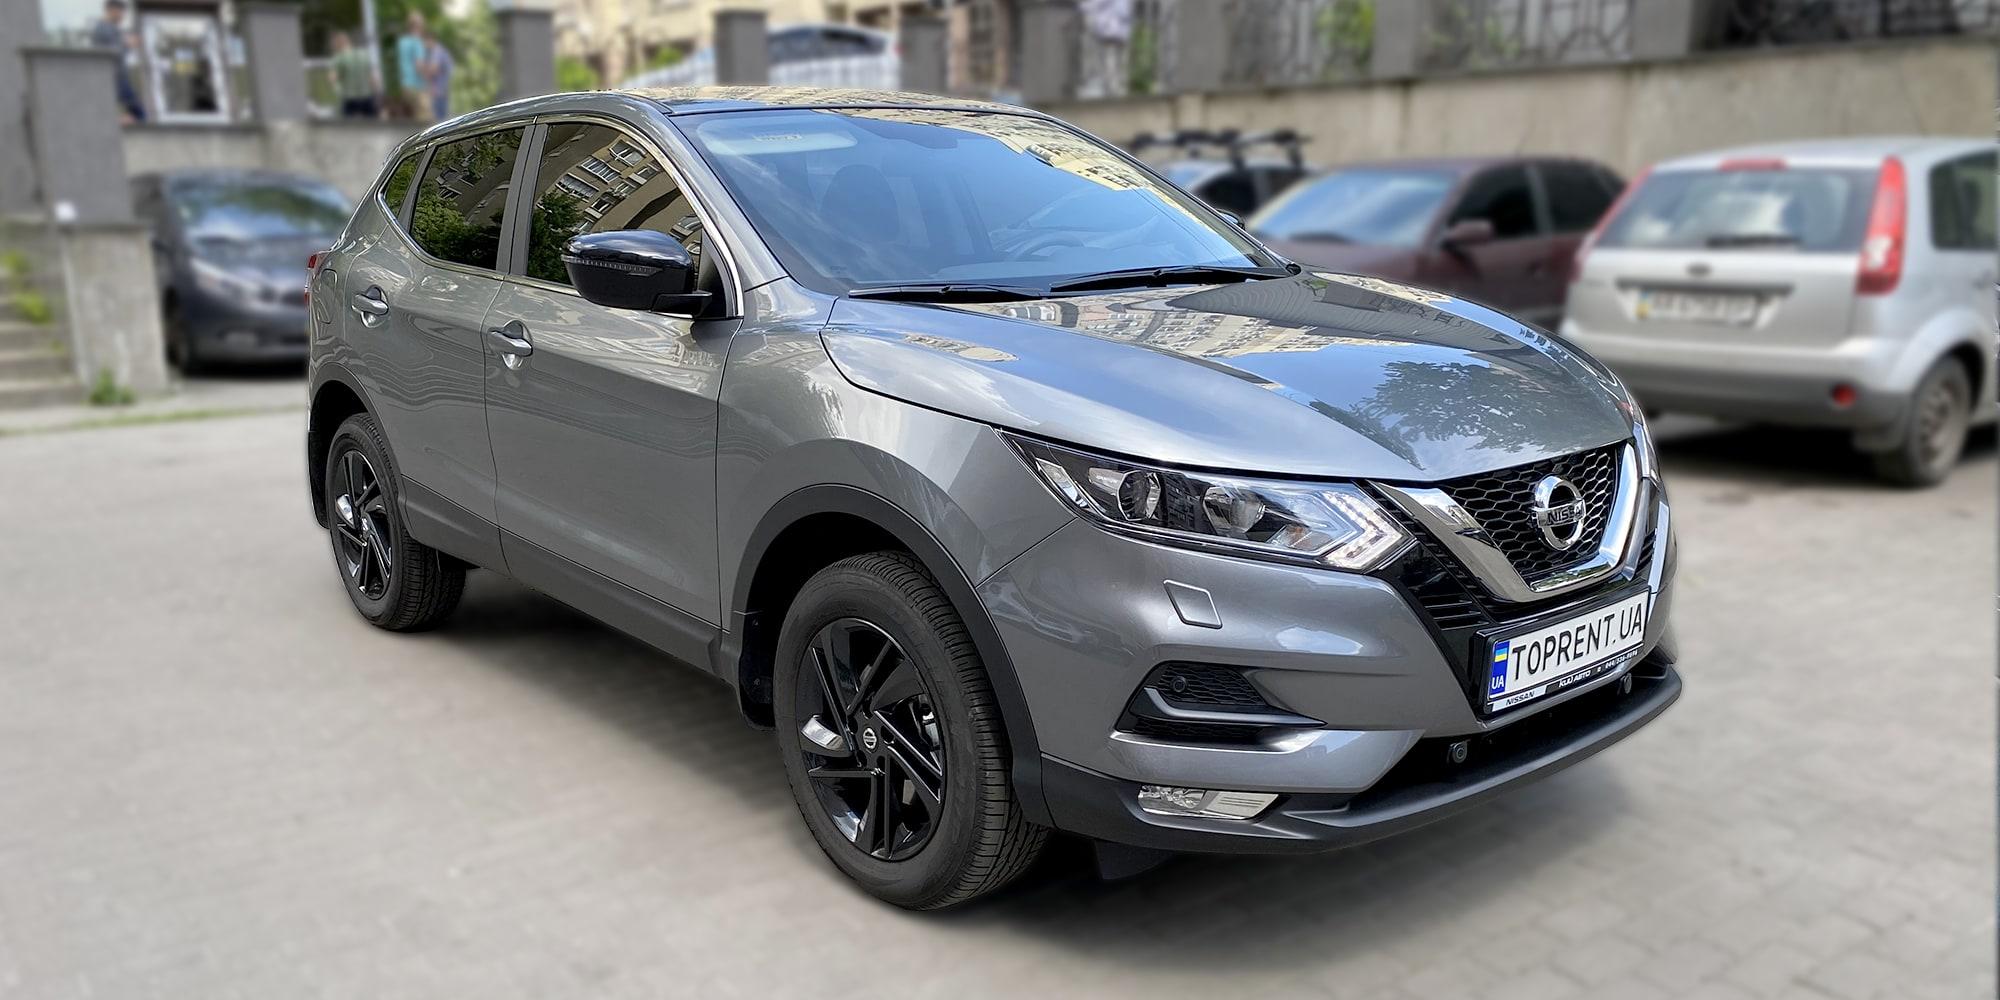 Прокат и аренда авто Nissan Qashqai 4×4 2021 - фото 2 | TOPrent.ua